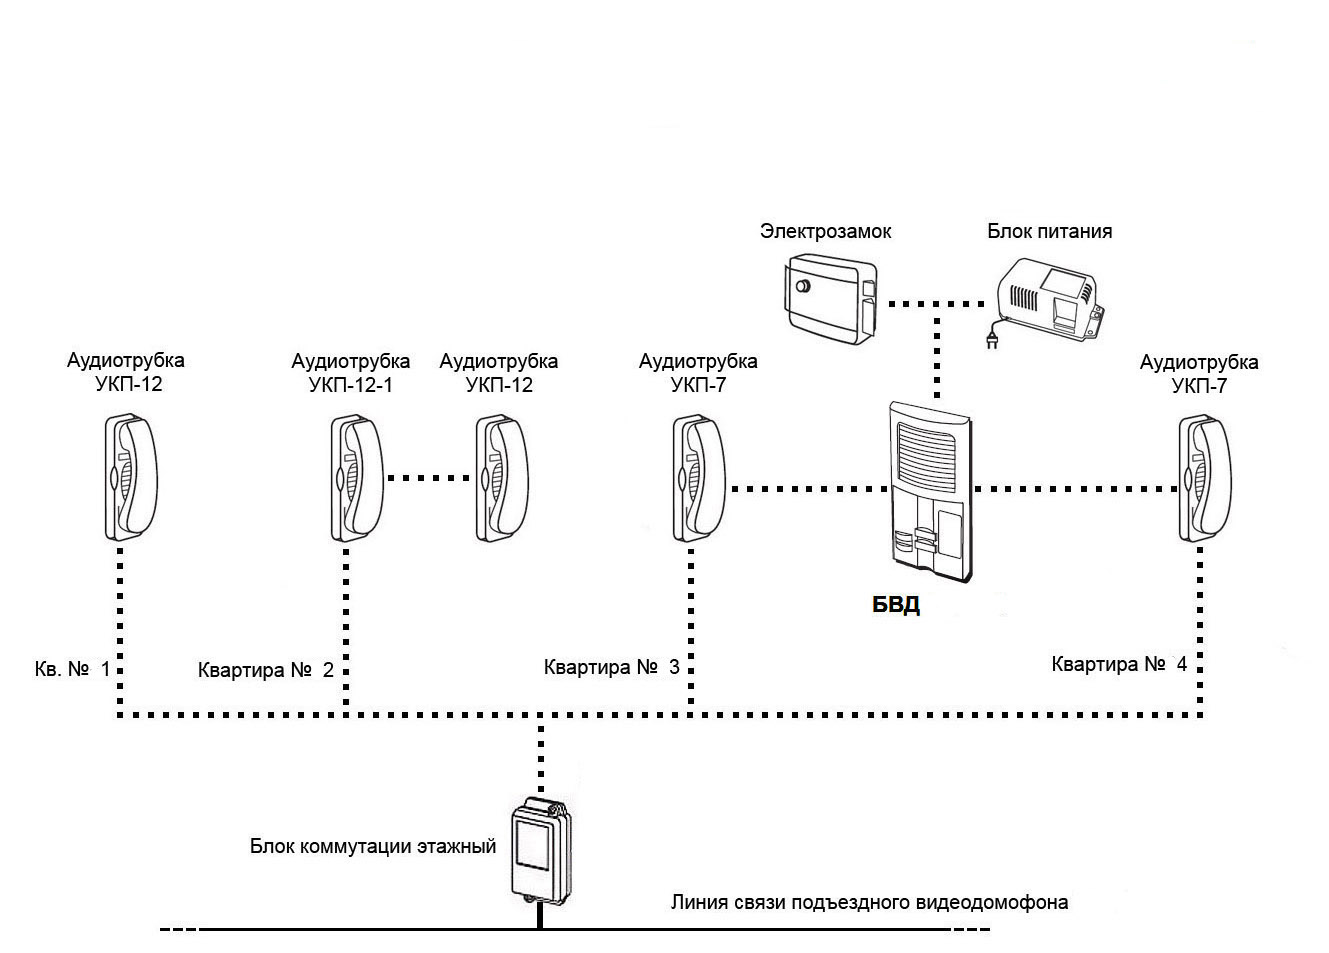 Многоабонентные домофоны схема